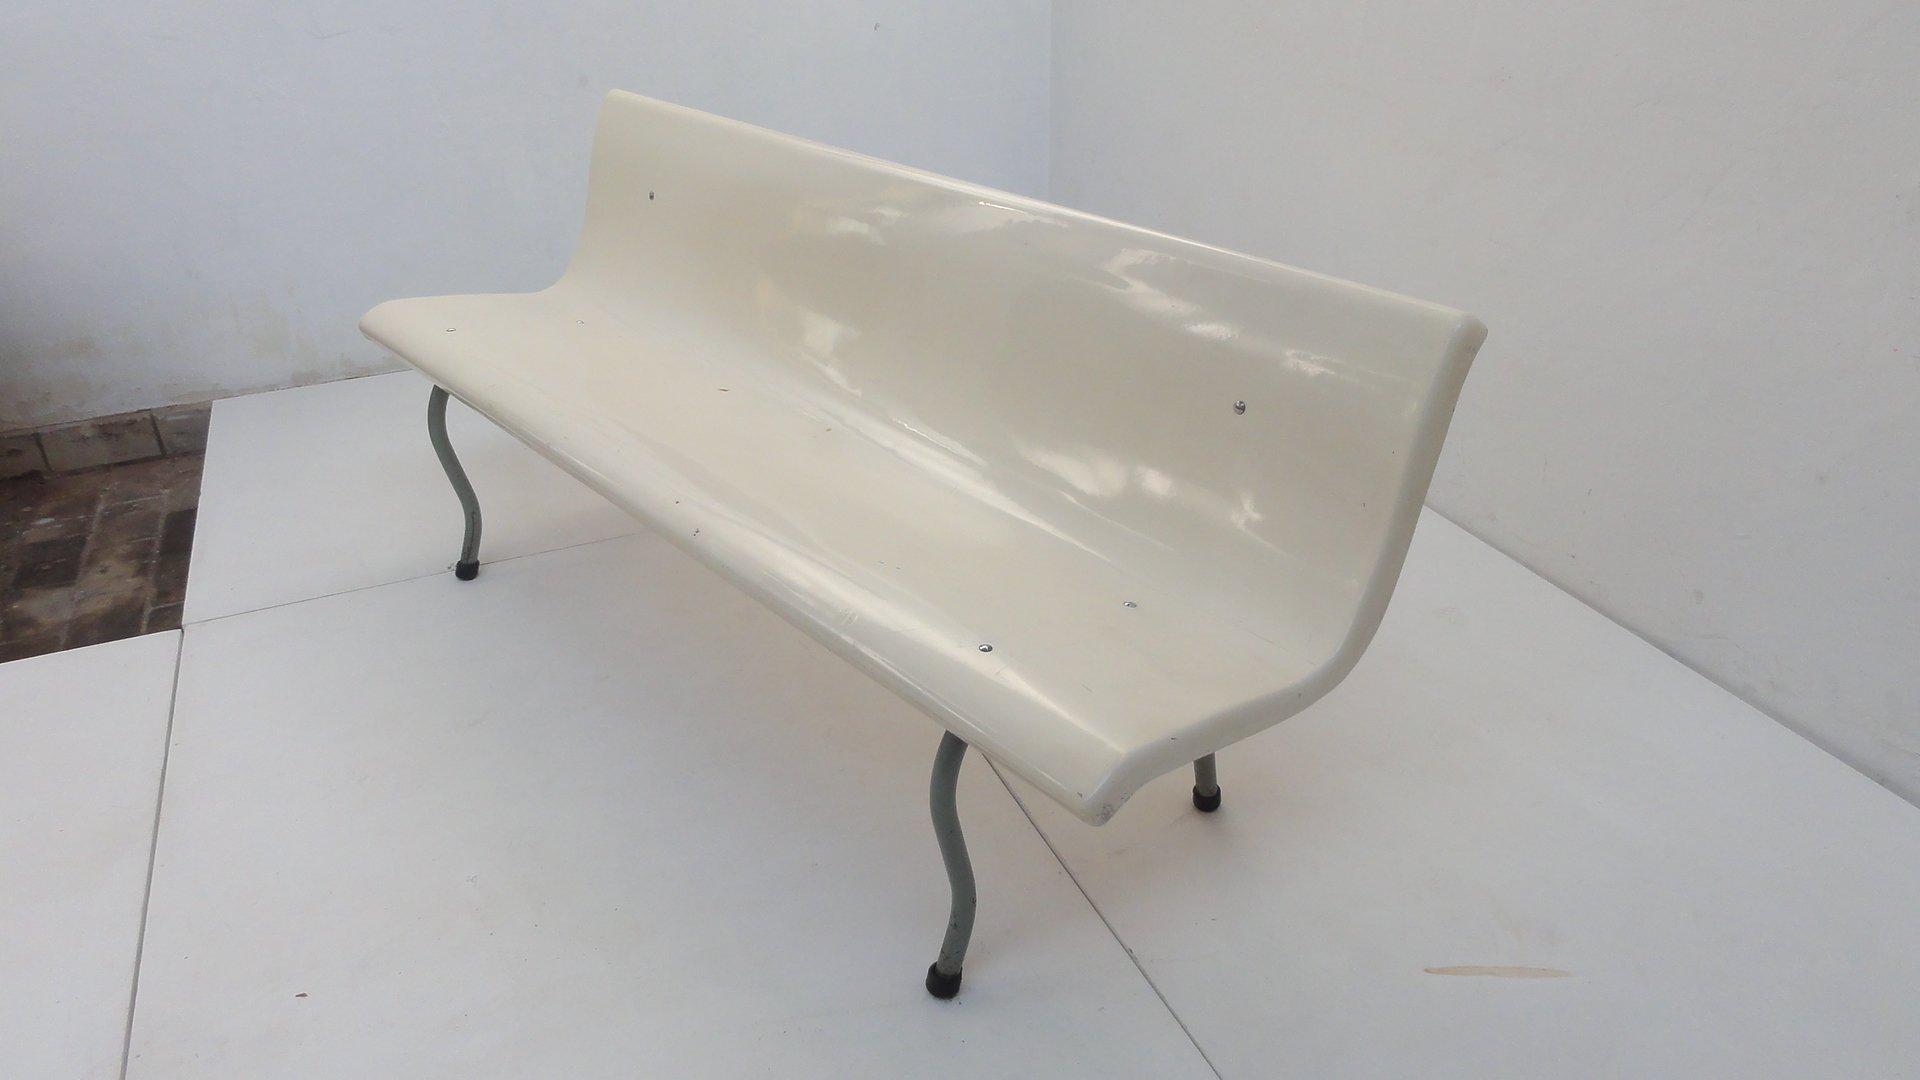 Sitzbank aus Krankenhaus, 1960er